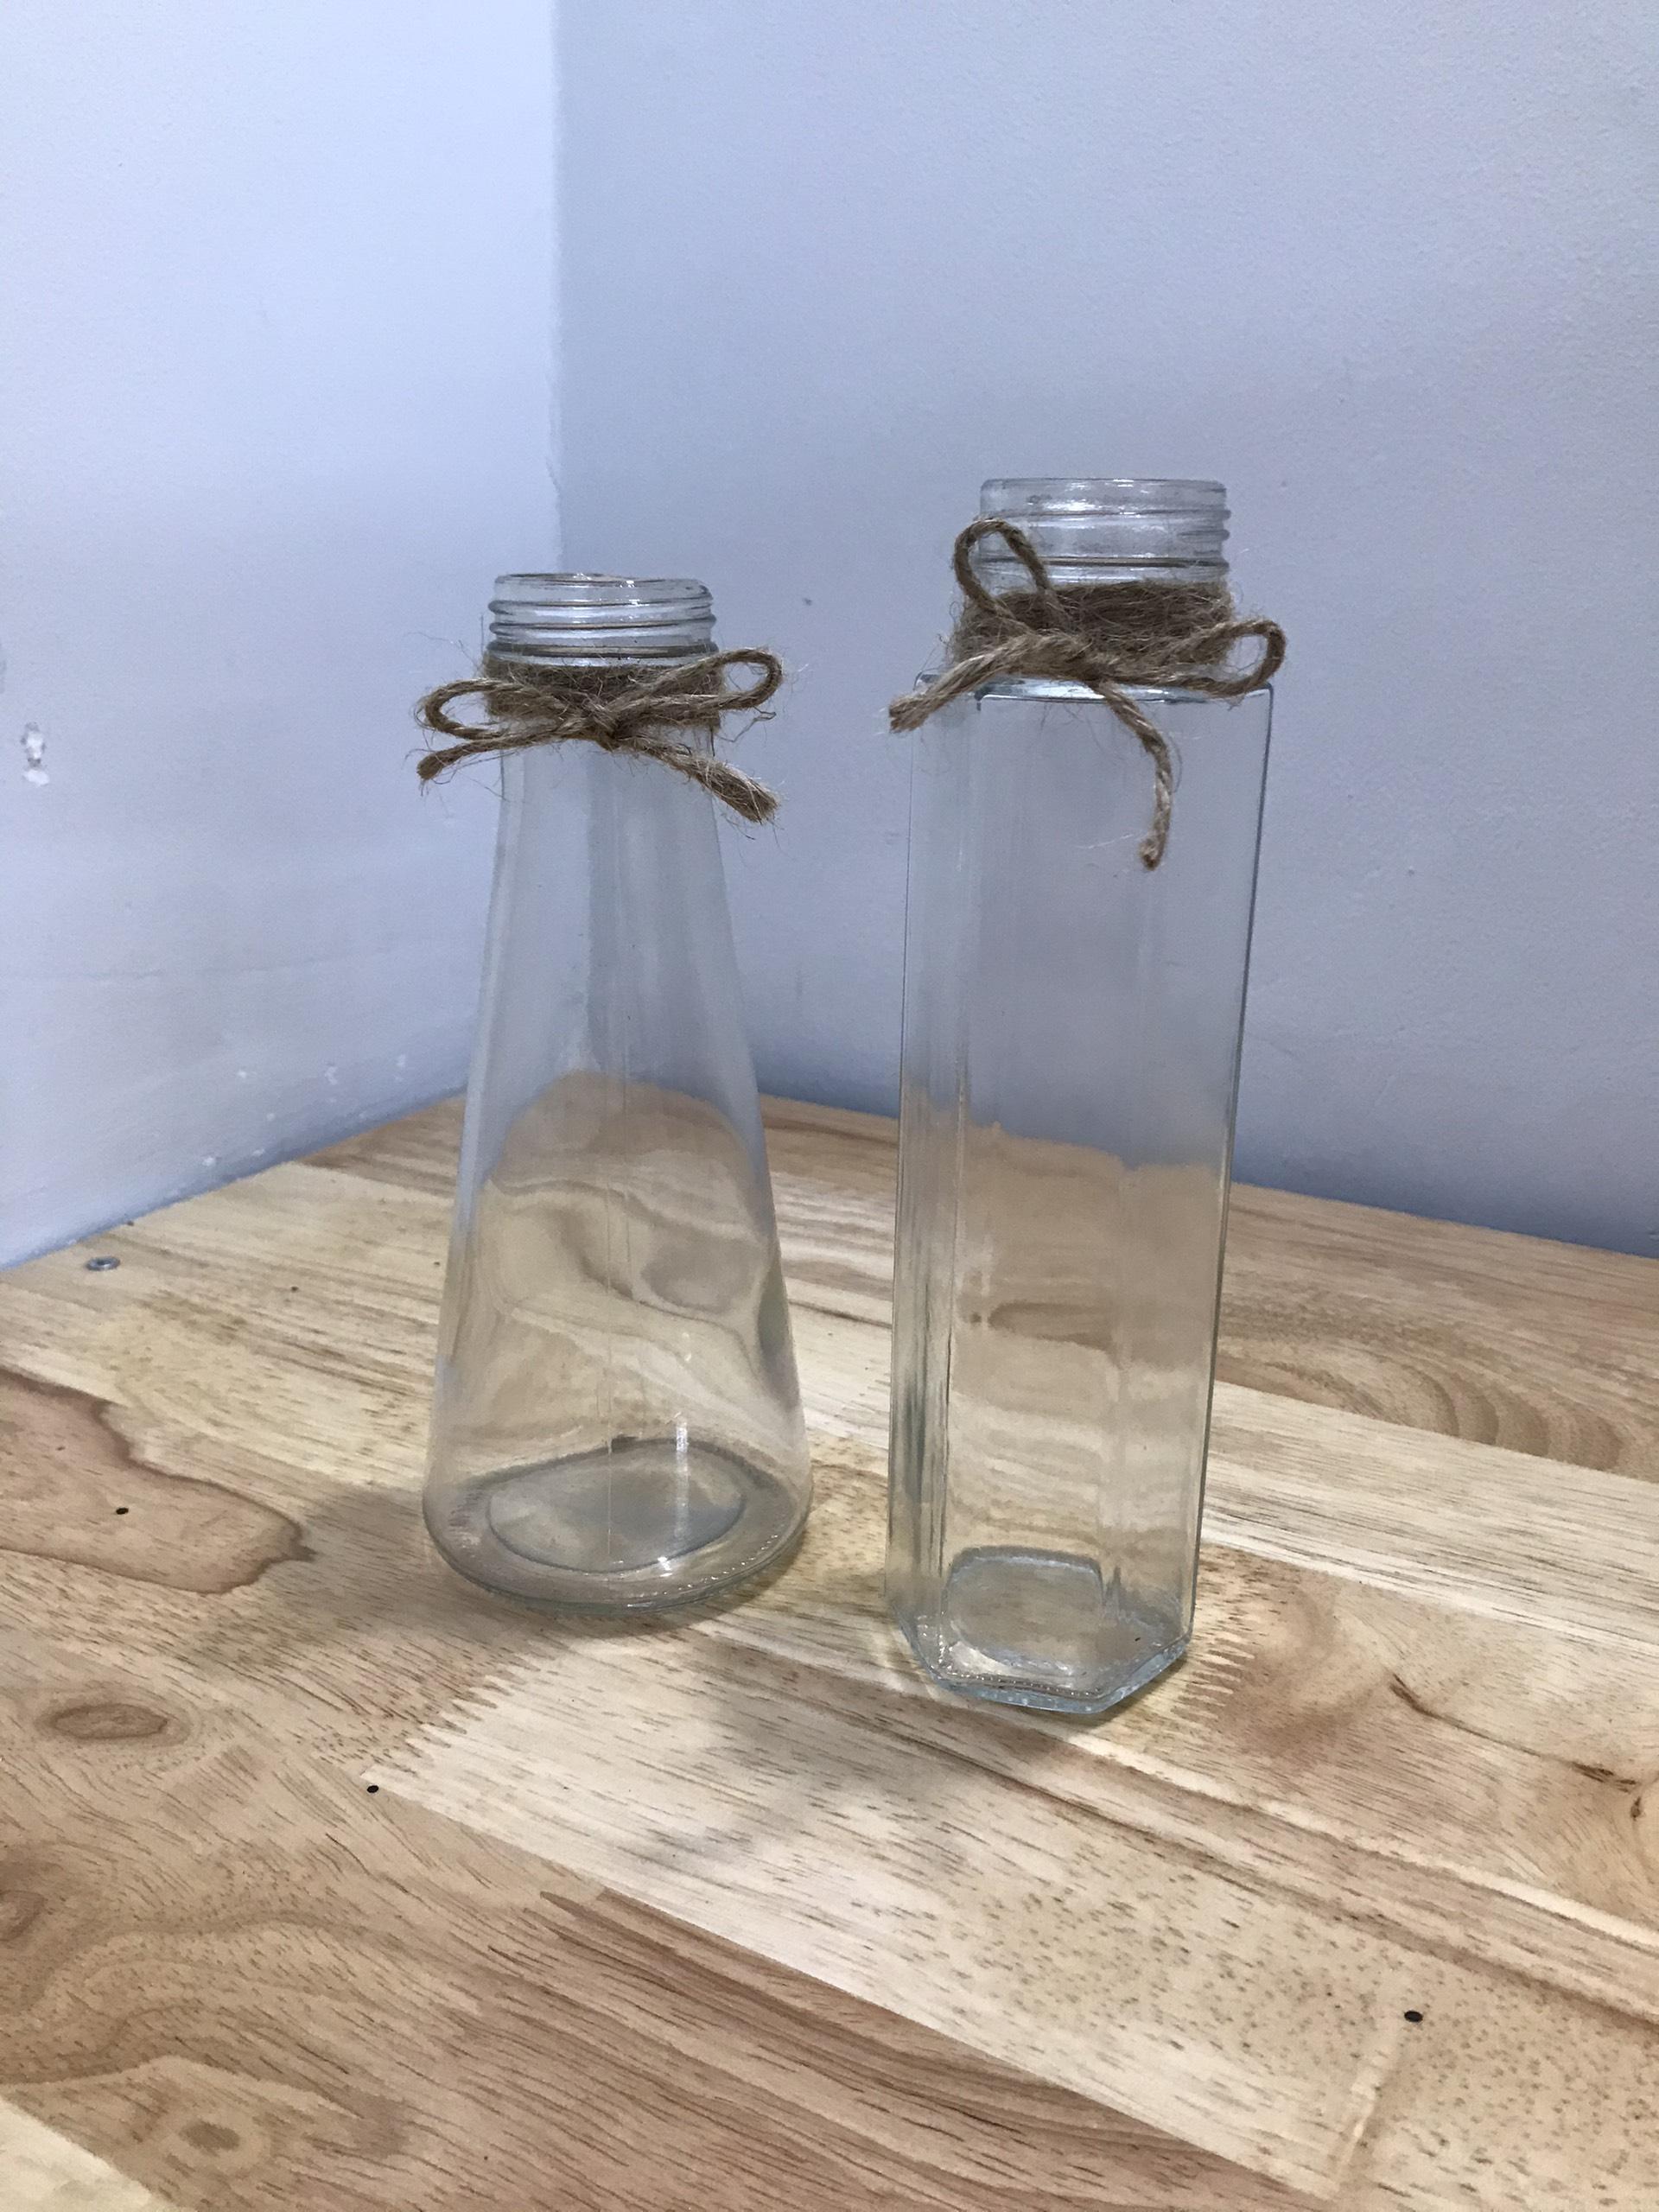 Combo gồm 1 bình hoa lục giác và 1 bình hoa hình nón, lọ thủy tinh dùng cắm hoa trang trí để bàn, hoặc dùng như chai thủy tinh đựng nước, sữa tươi hay tự trang trí theo sở thích cá nhân - có kèm dây dừa trang trí